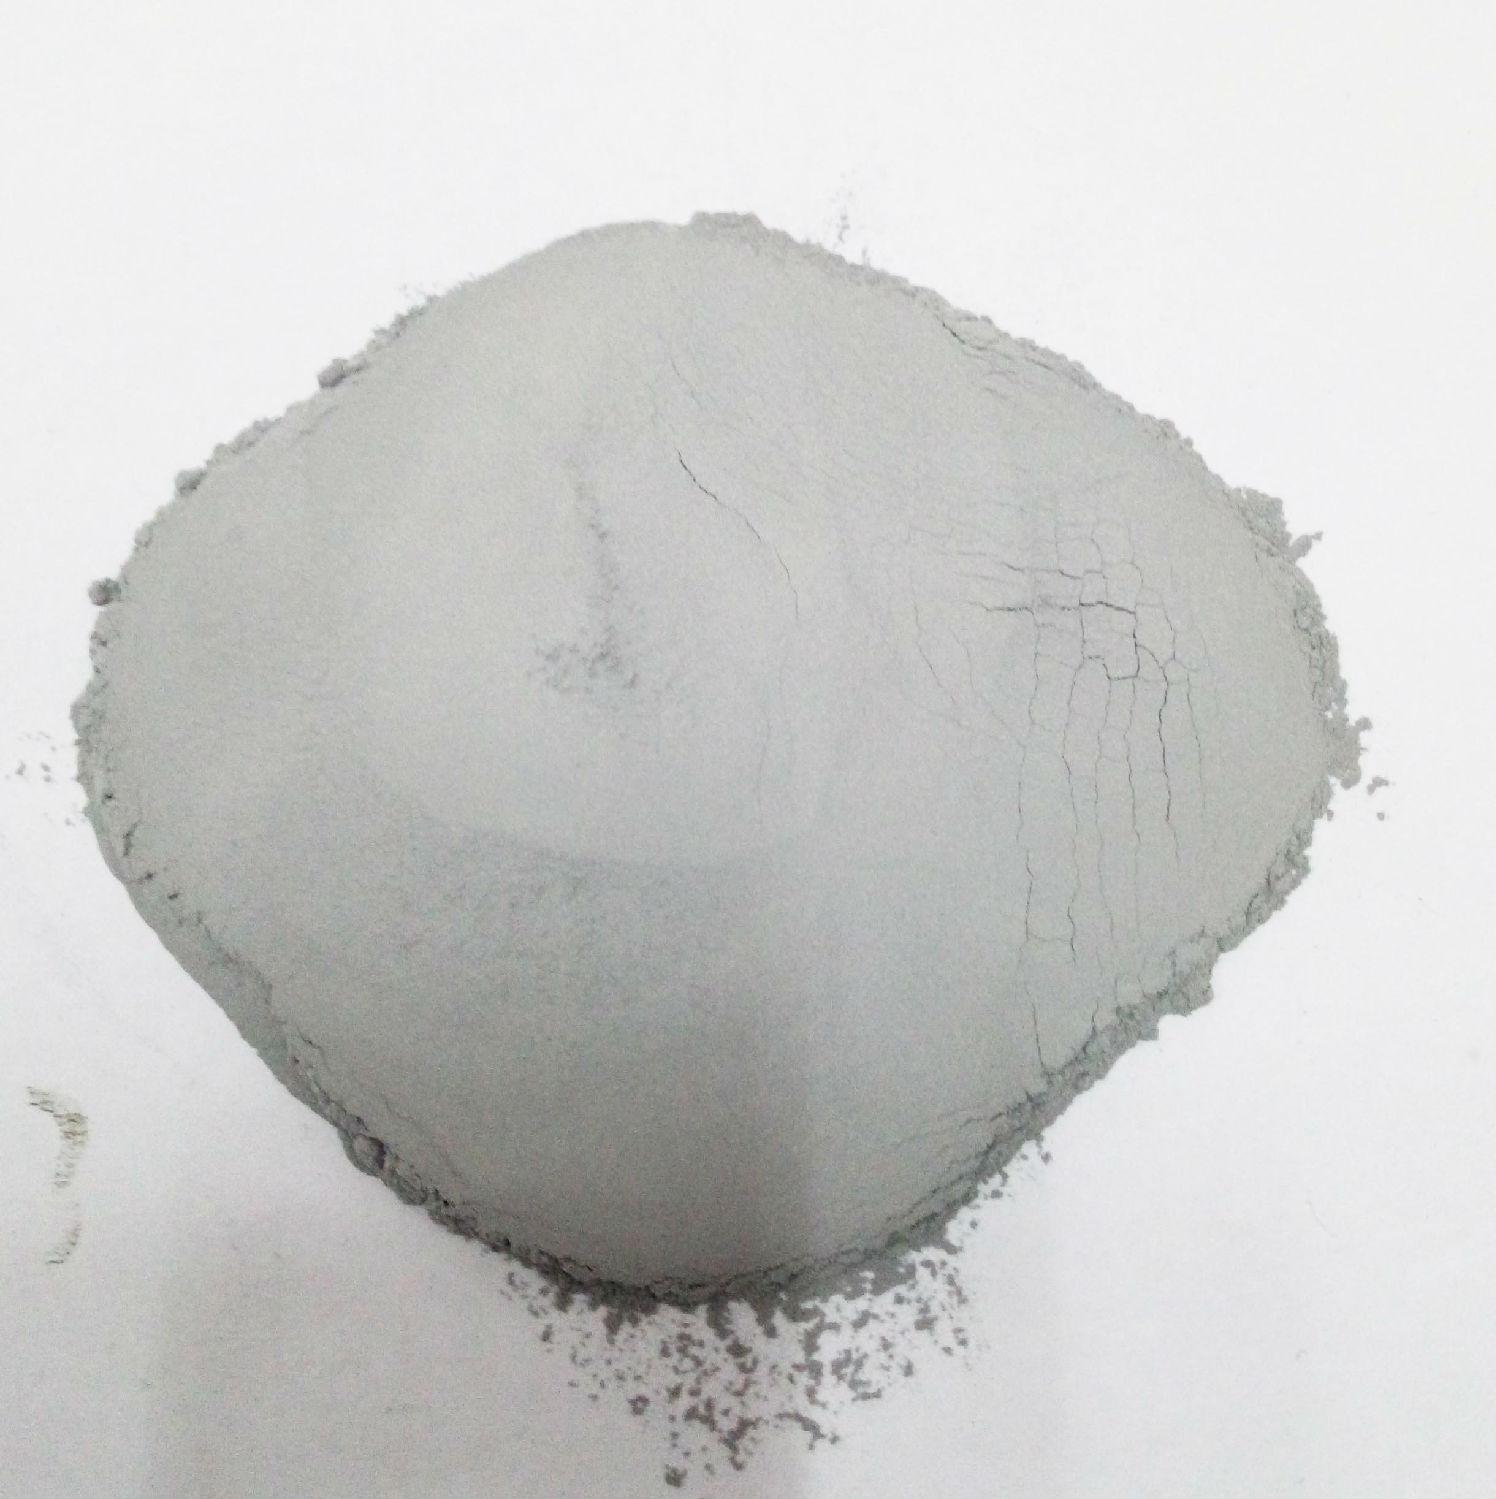 金属铝粉河北冀盛铝粉厂家直销耐火材料专用铝粉